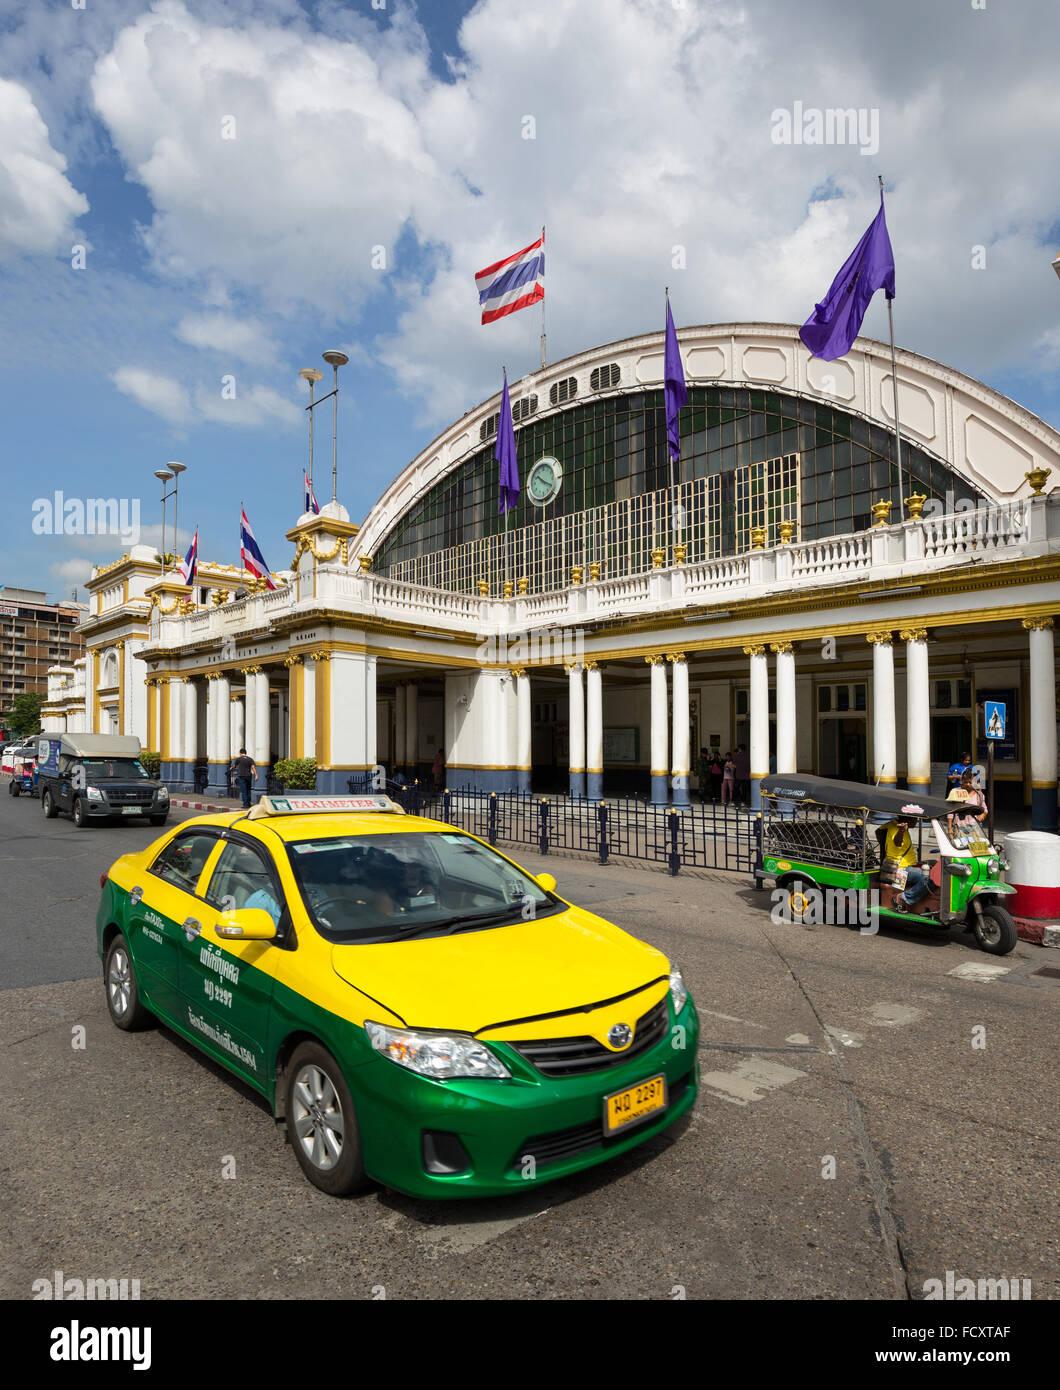 Taxis y tuk-tuk en frente de la estación central, la Estación de Tren Hua Lamphong, Chinatown, Bangkok, Imagen De Stock